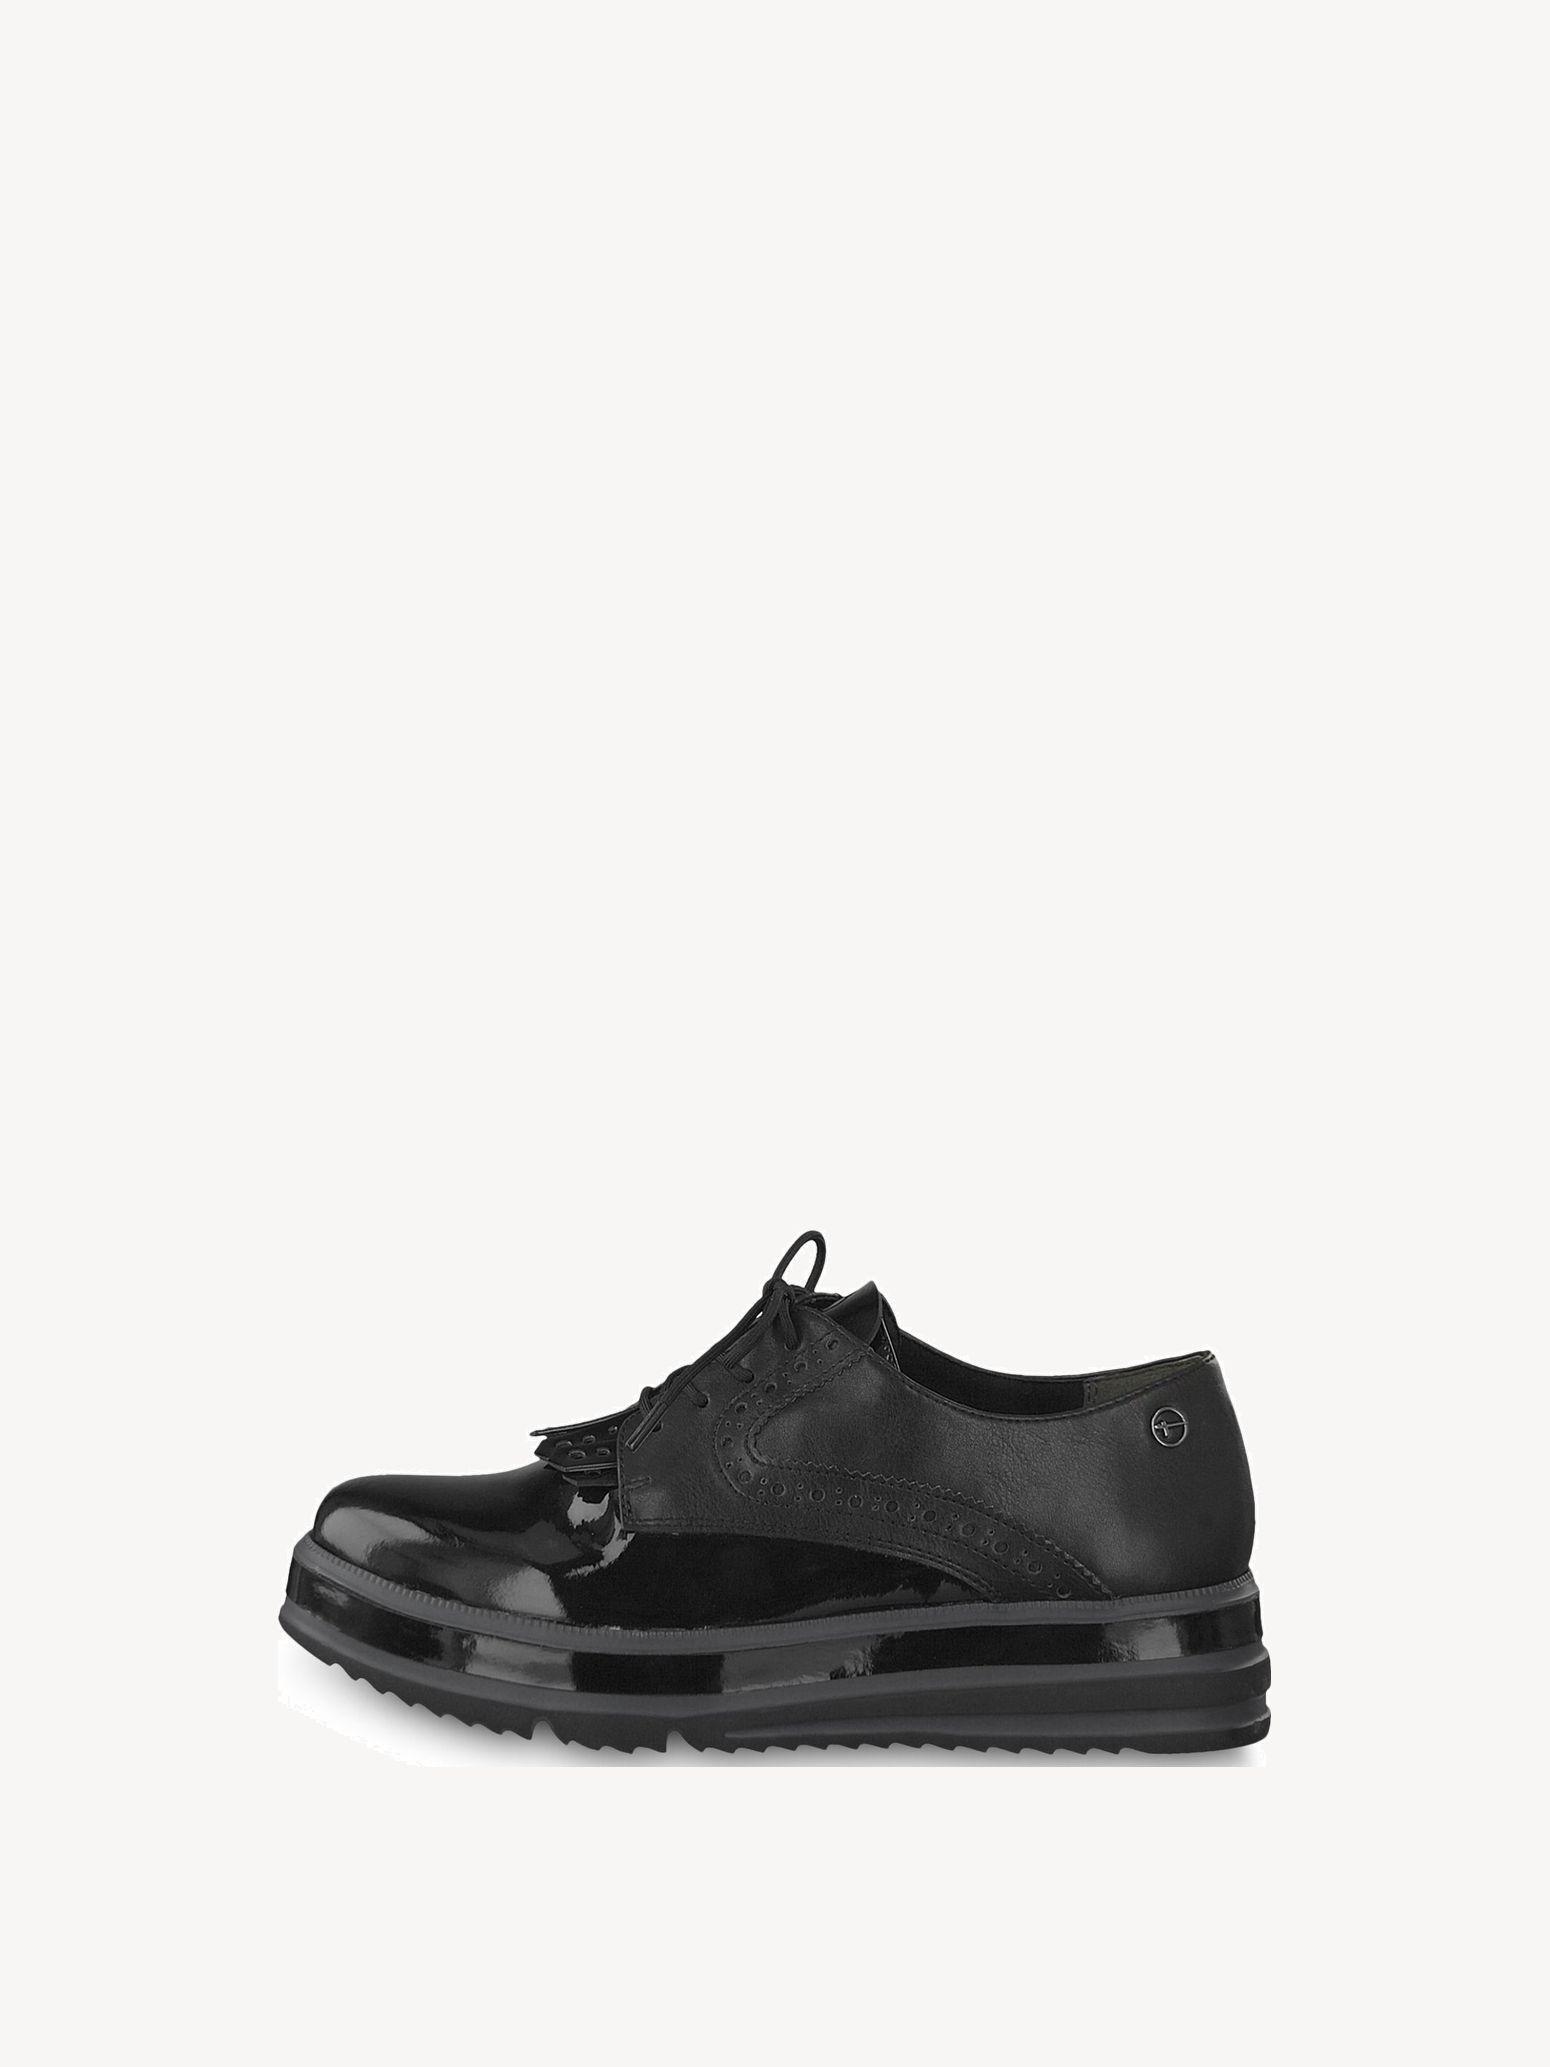 Sur Femmes En Ligne La Chaussures Boutique Pour Tamaris qSOEwU